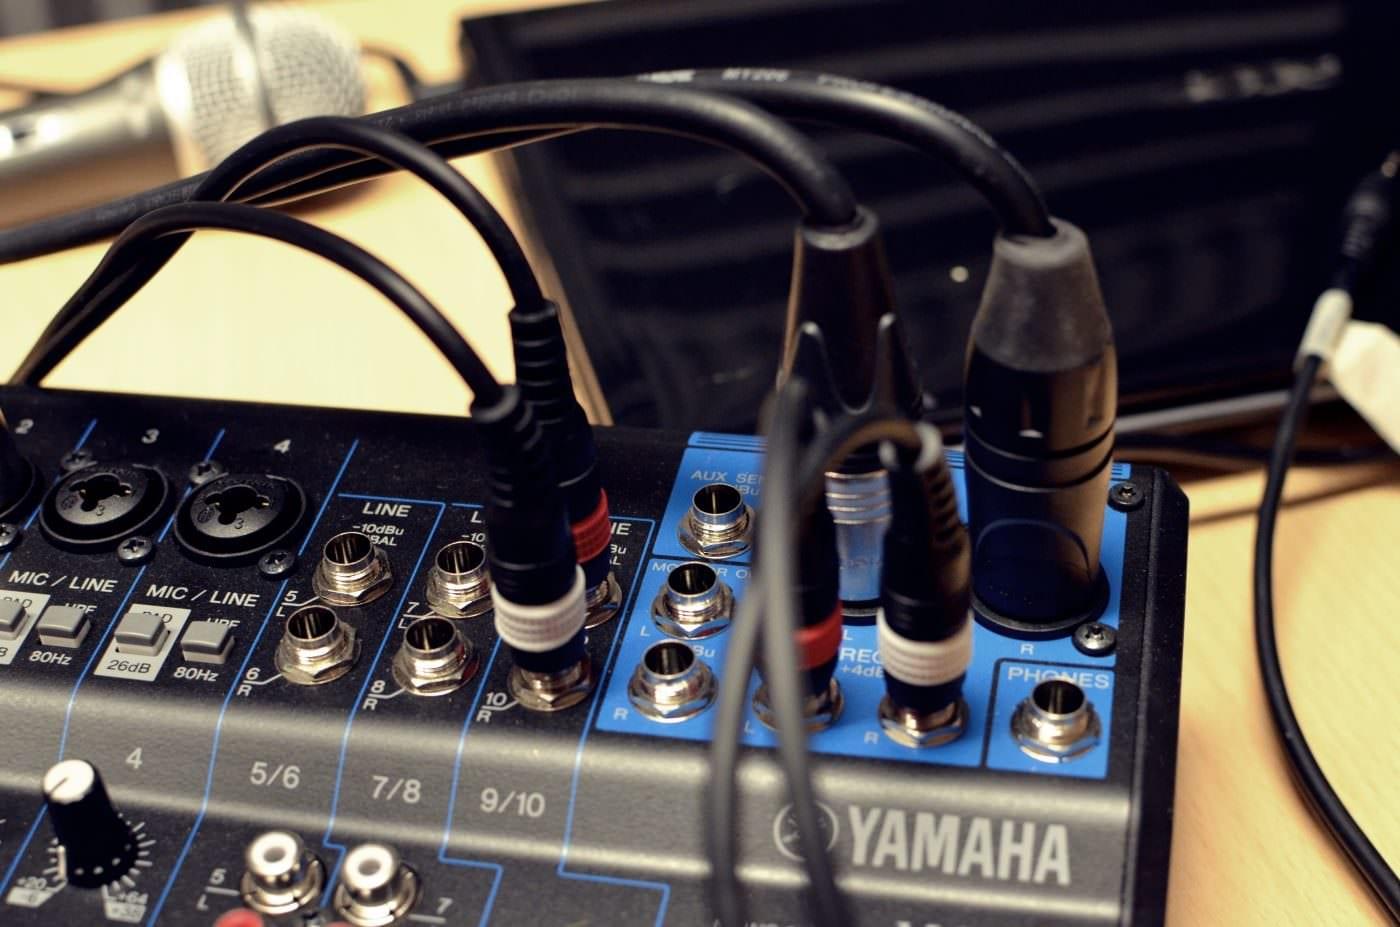 Yamaha MG10 Mixer | A Podcasting Review